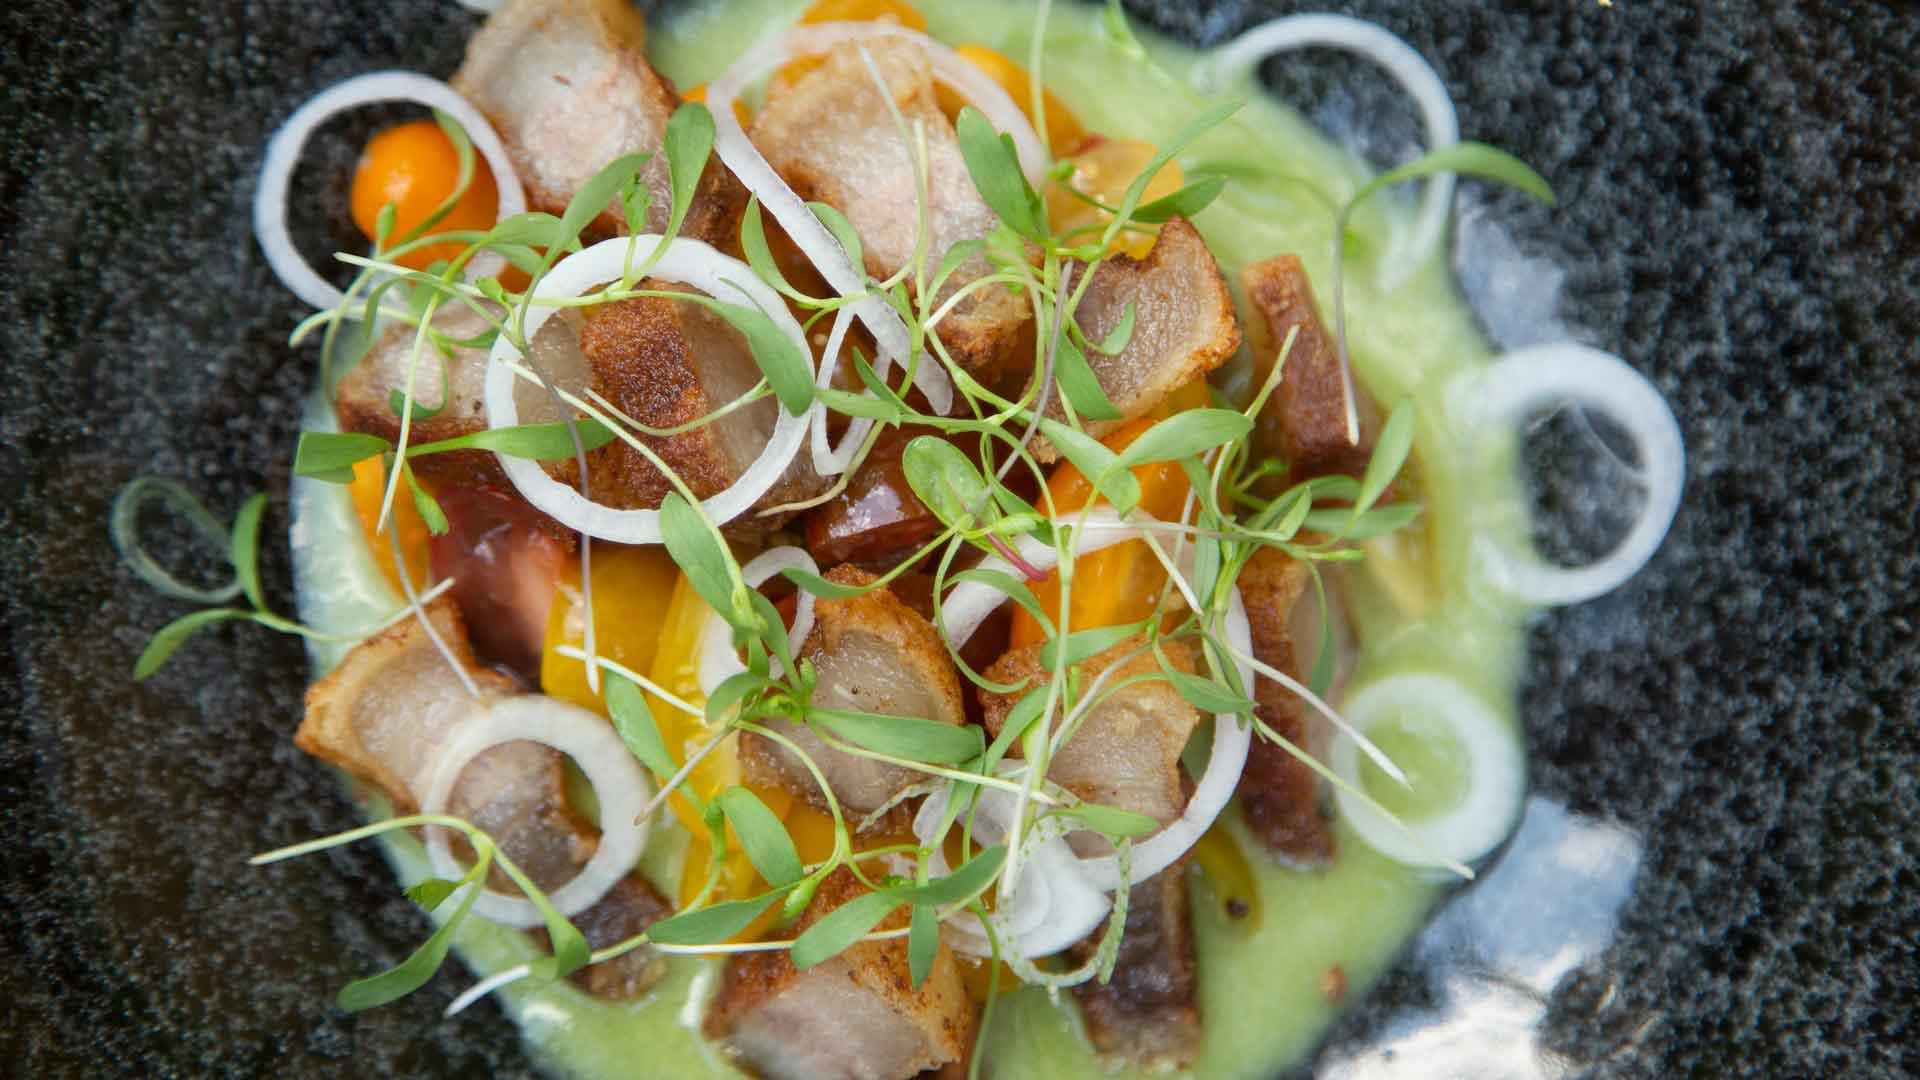 Niss, cocina de propuesta: sorpresas en cada bocado